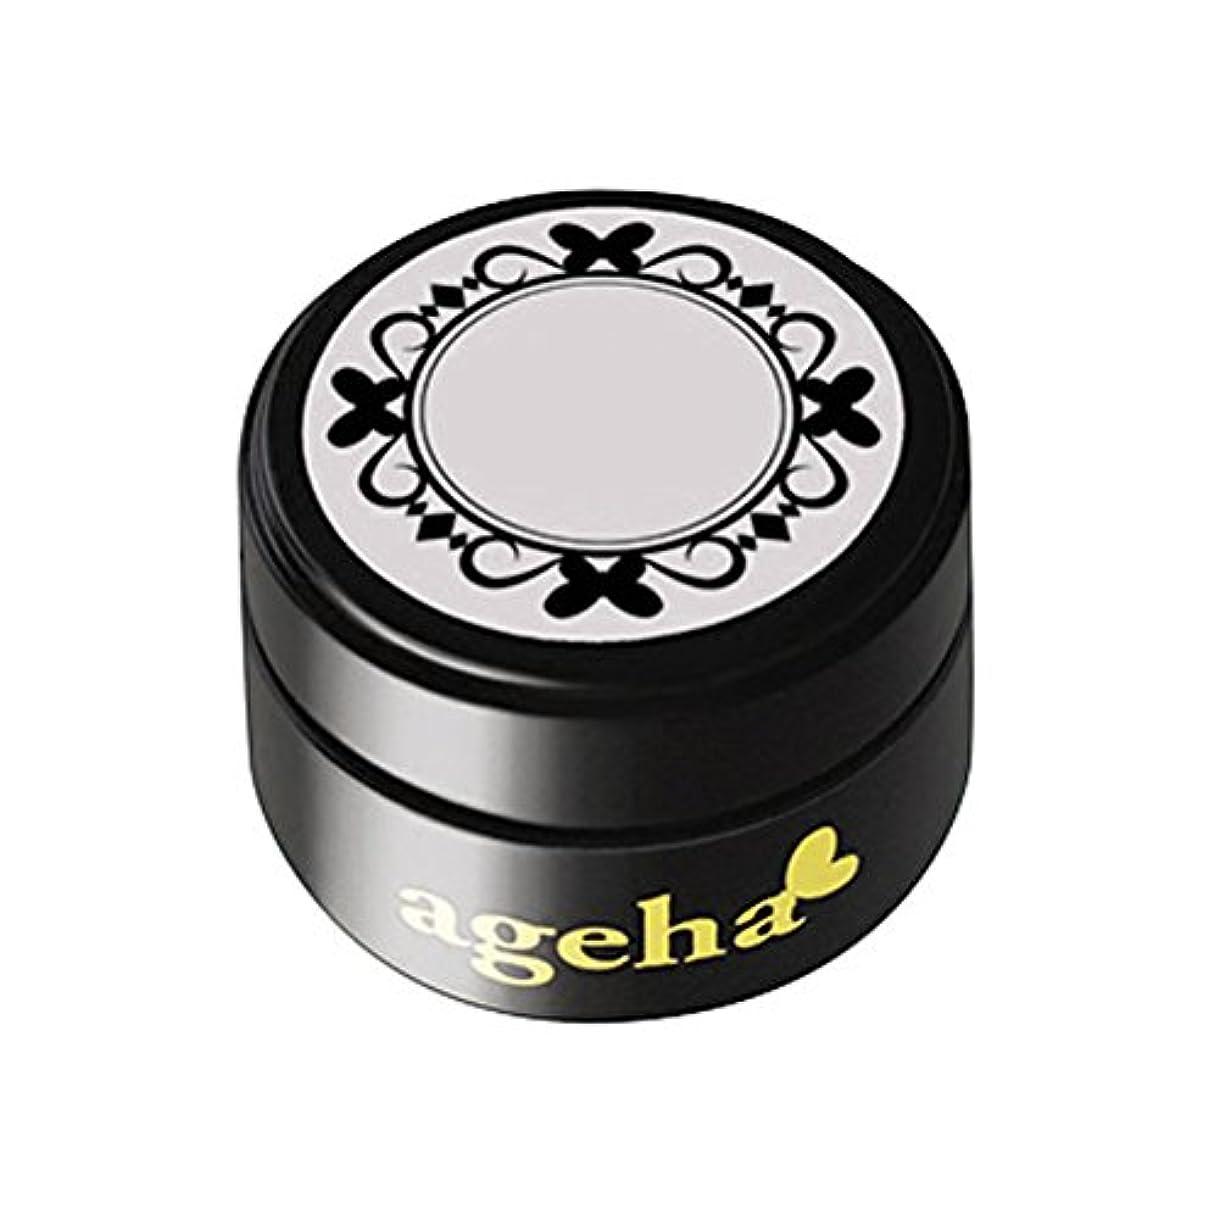 実証するスタジアムフェッチageha gel カラージェル コスメカラー 113 クラシカルピンク 2.7g UV/LED対応